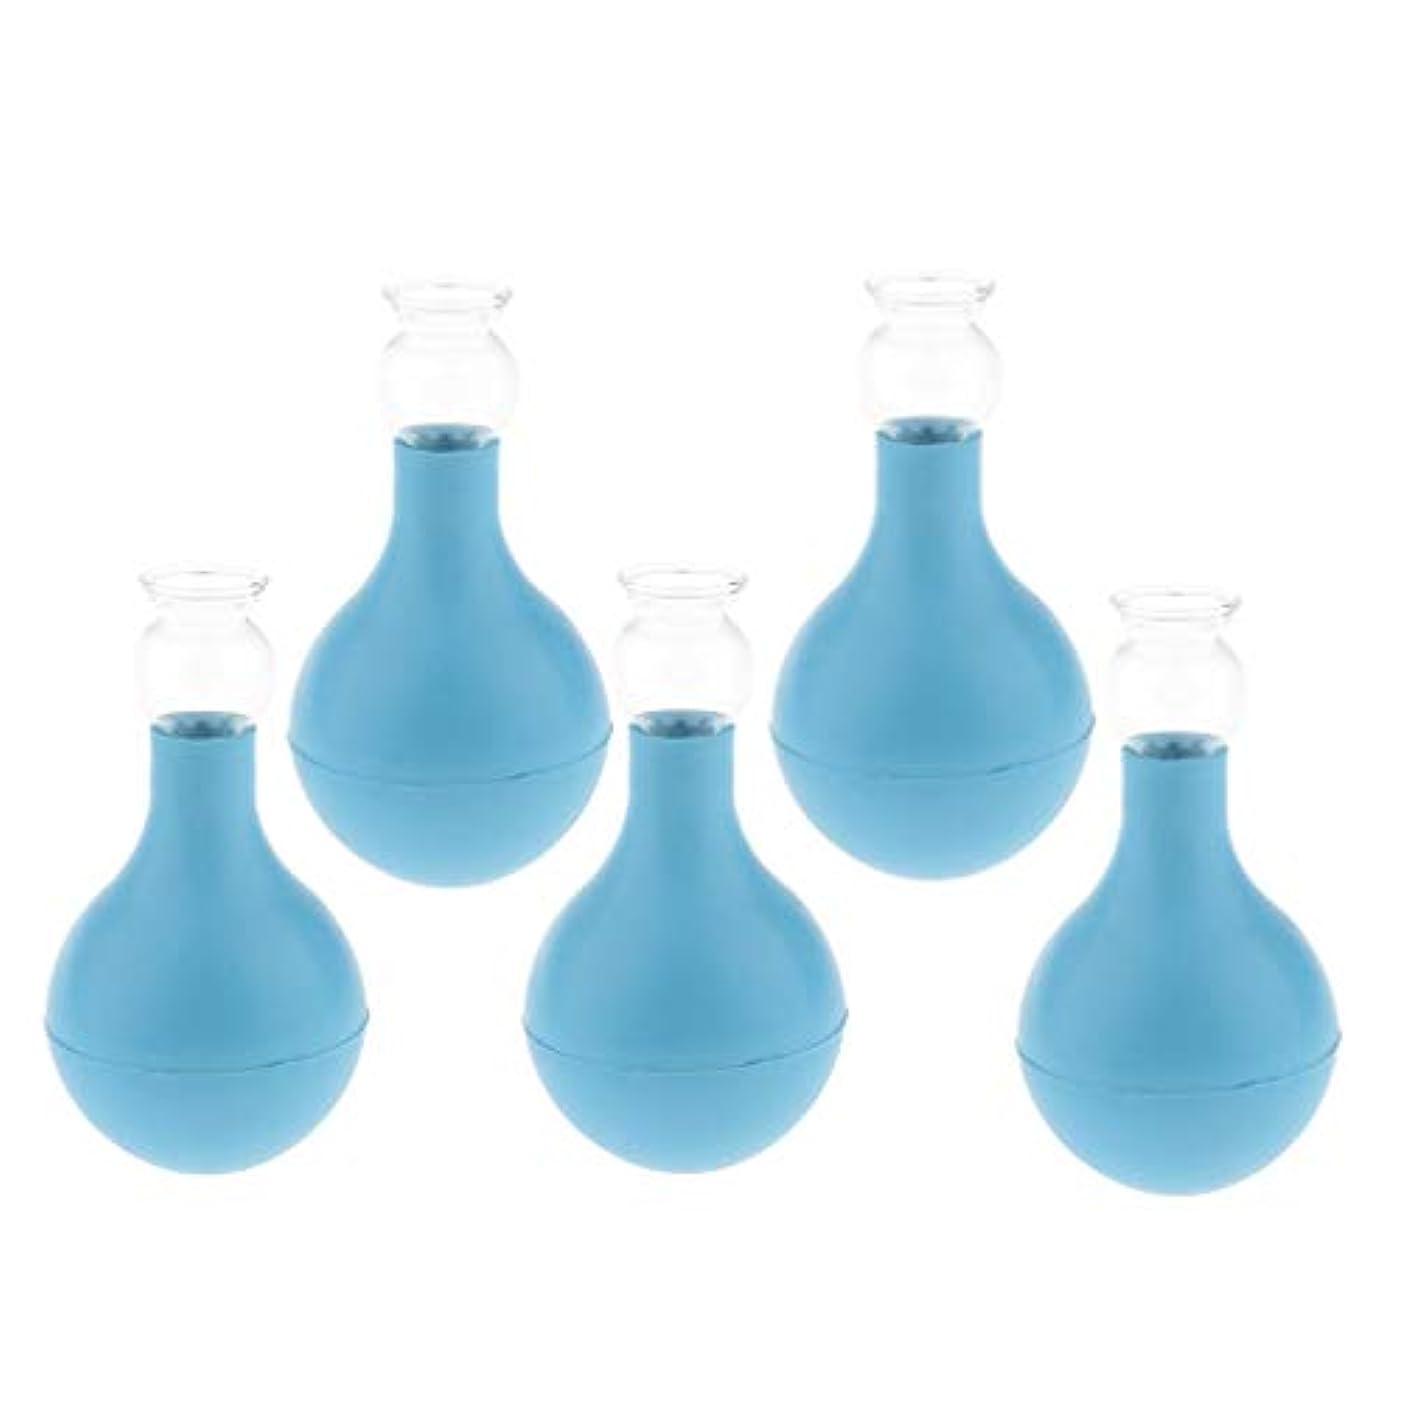 ひどくピック探検マッサージ 吸い玉 カッピング 5個 シリコン ガラス 顔 首 背中 胸 脚 全身用 2サイズ選ぶ - ブルー+ブルー3cm, 3cm